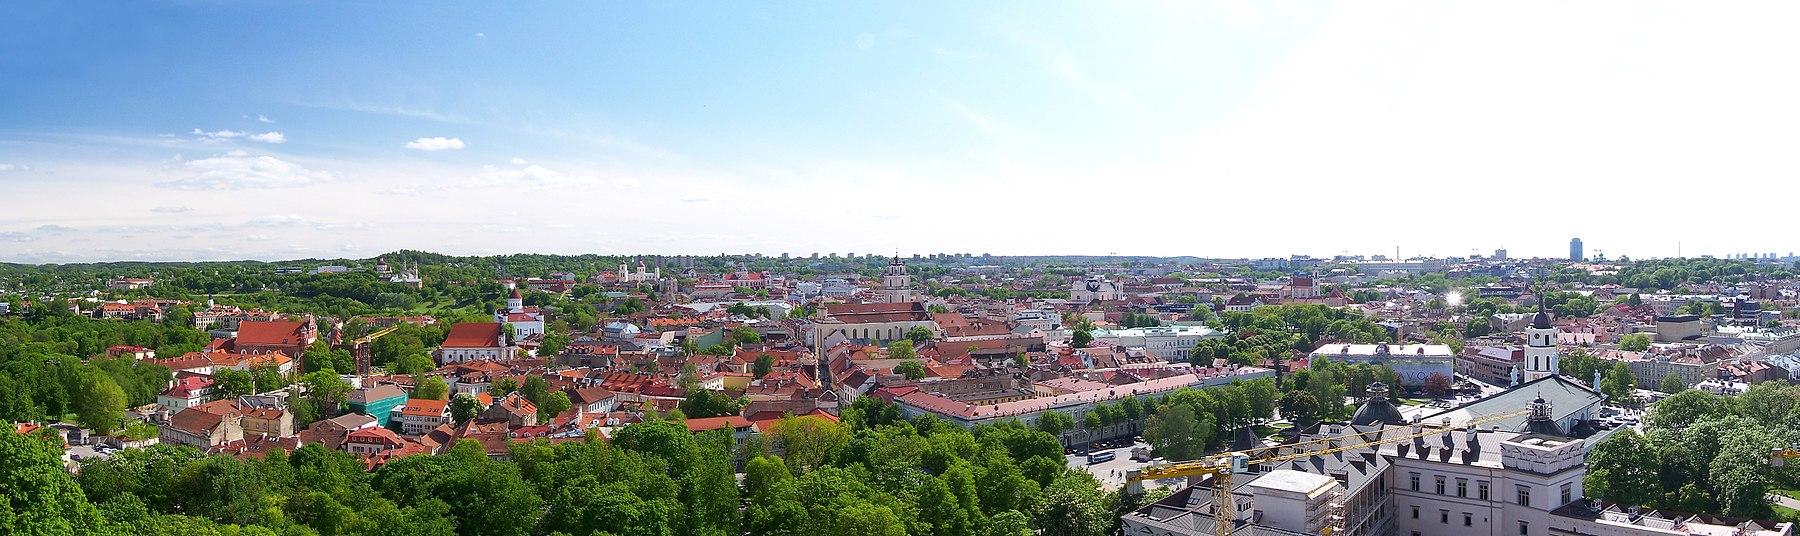 Vilnius - Panorama 02.jpg